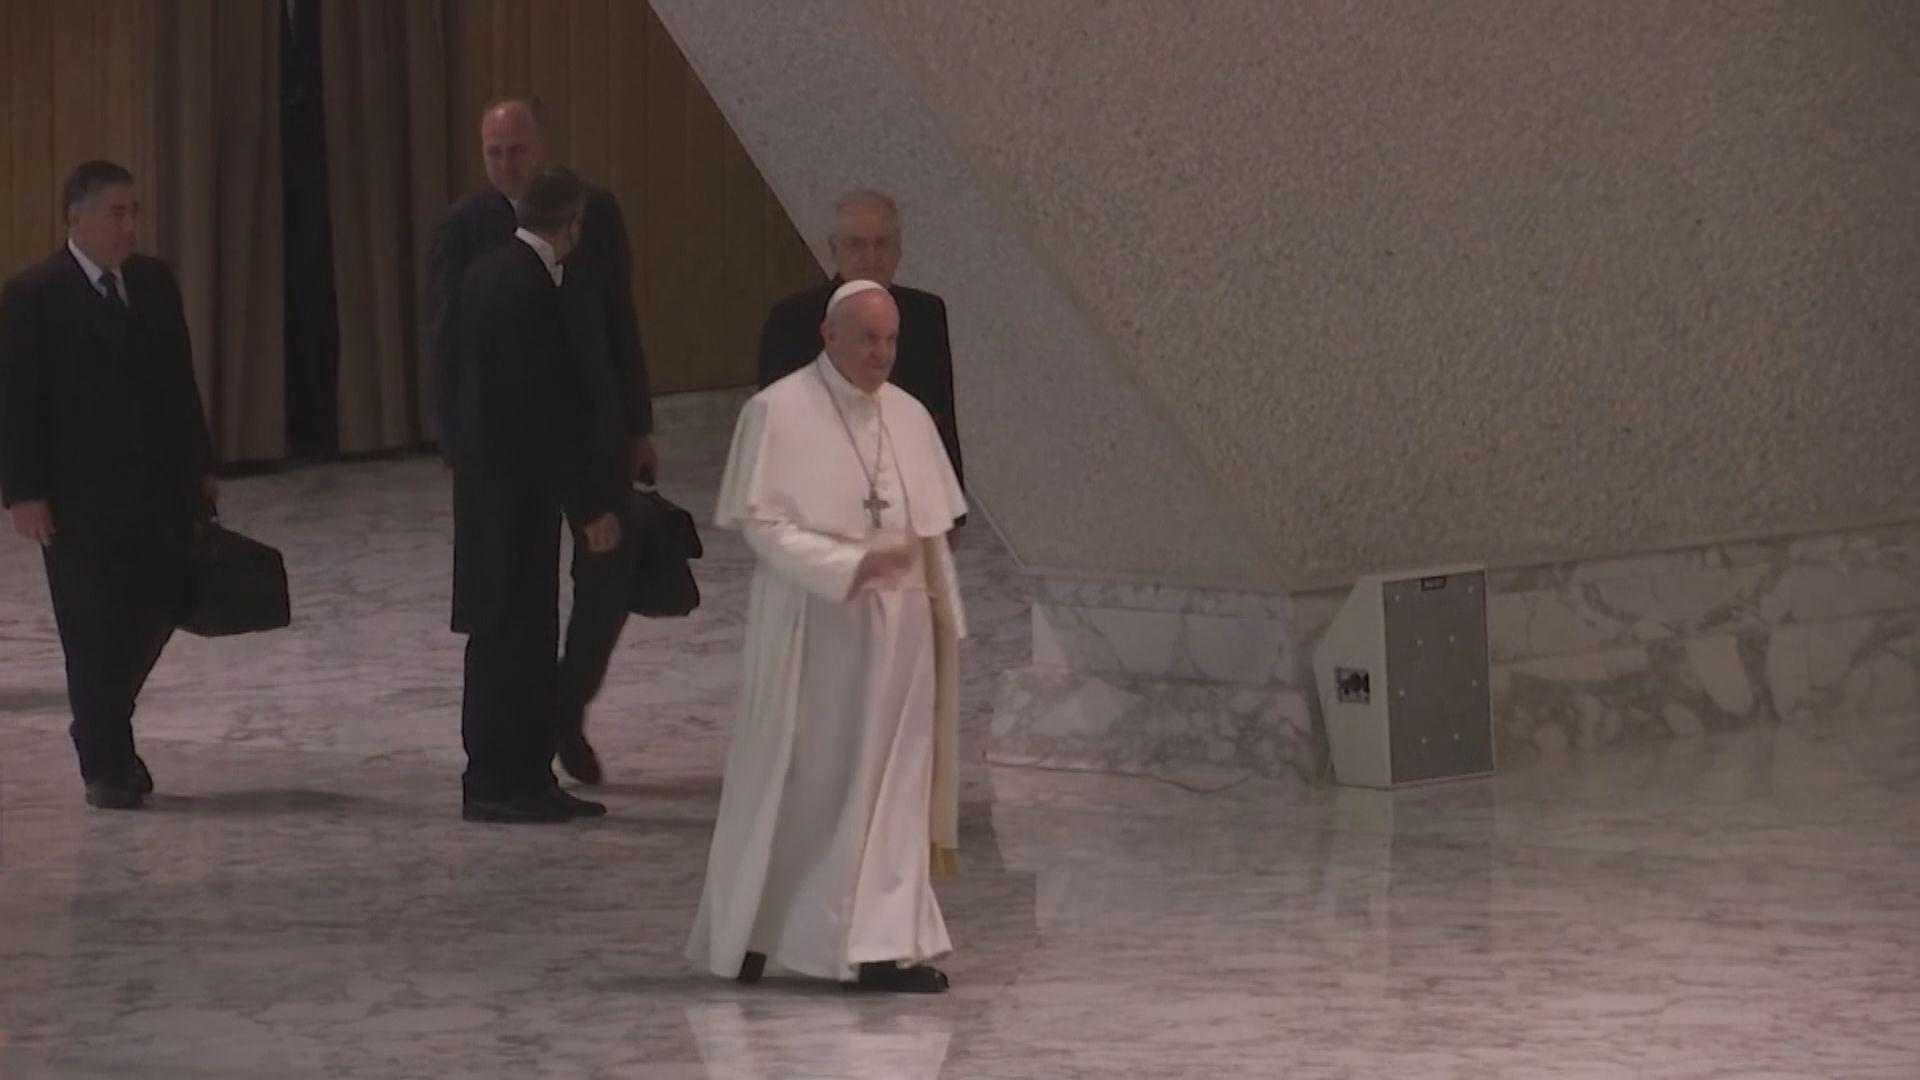 【環球薈報】教宗按讚巴西性感名模相片 要求IG解釋